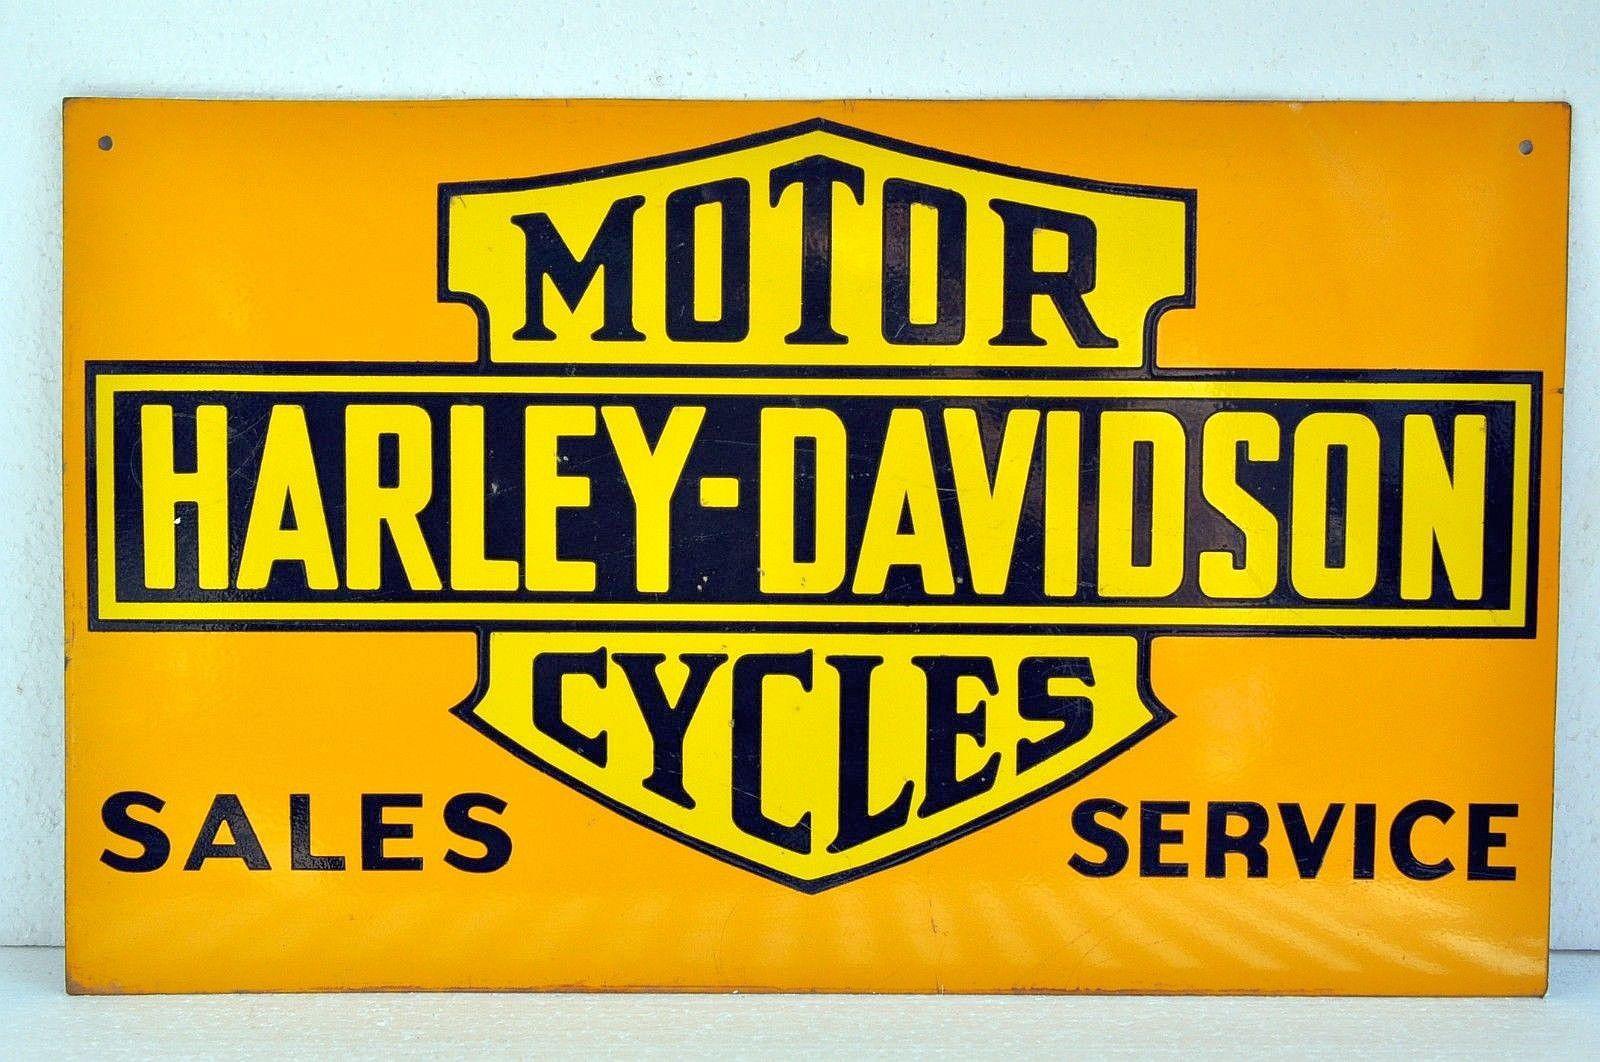 Harley Davidson Vintage Porcelain Sign Old 1920 Antique Motorcycle Dealer Advertising Harley Davidson Harley Motor Harley Davidson Cycles